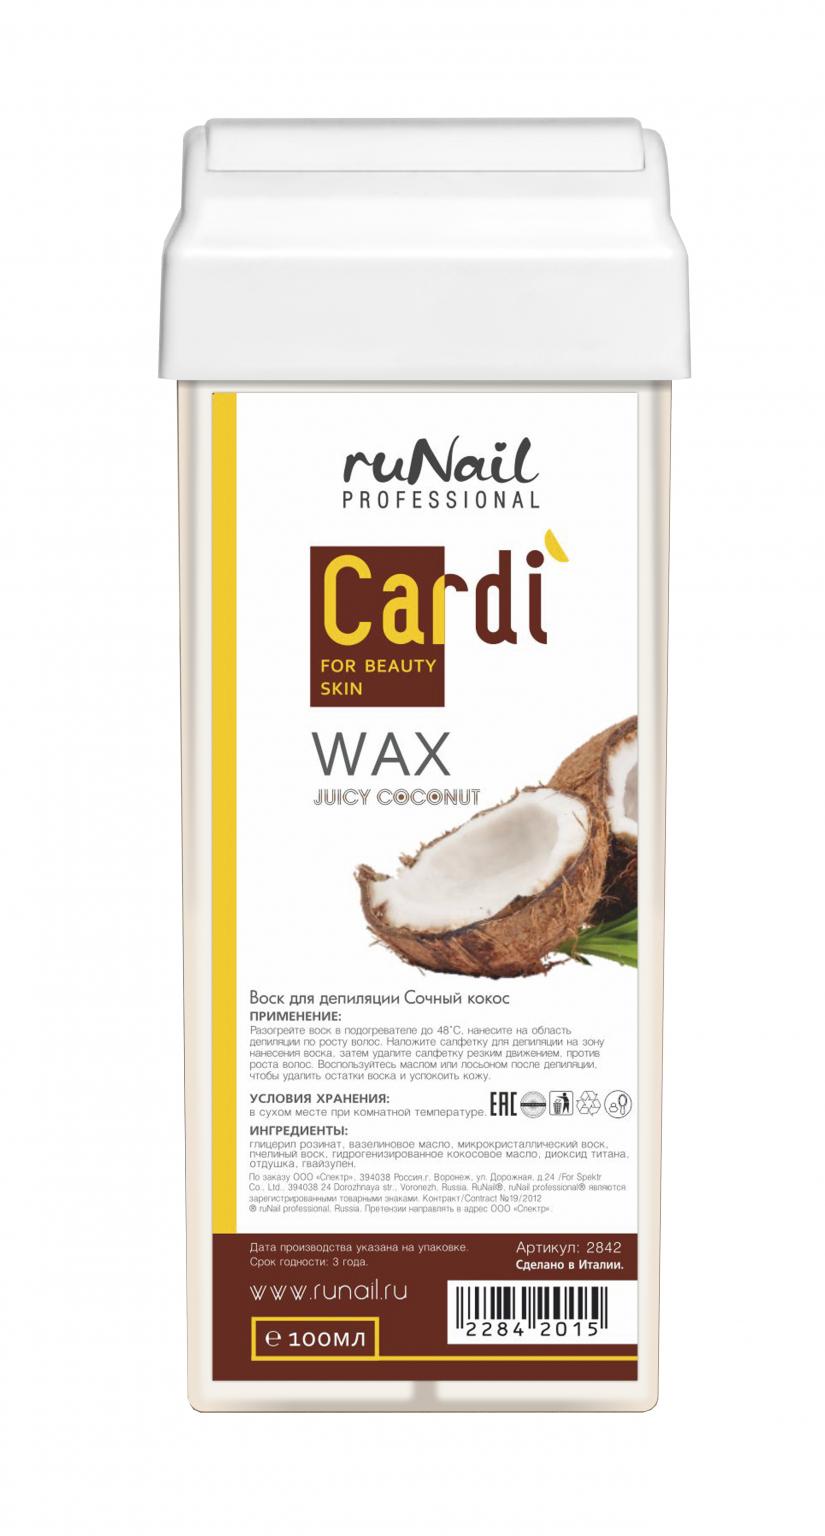 """Воск для депиляции Cardi (аромат: """"Сочный кокос"""") №2842"""